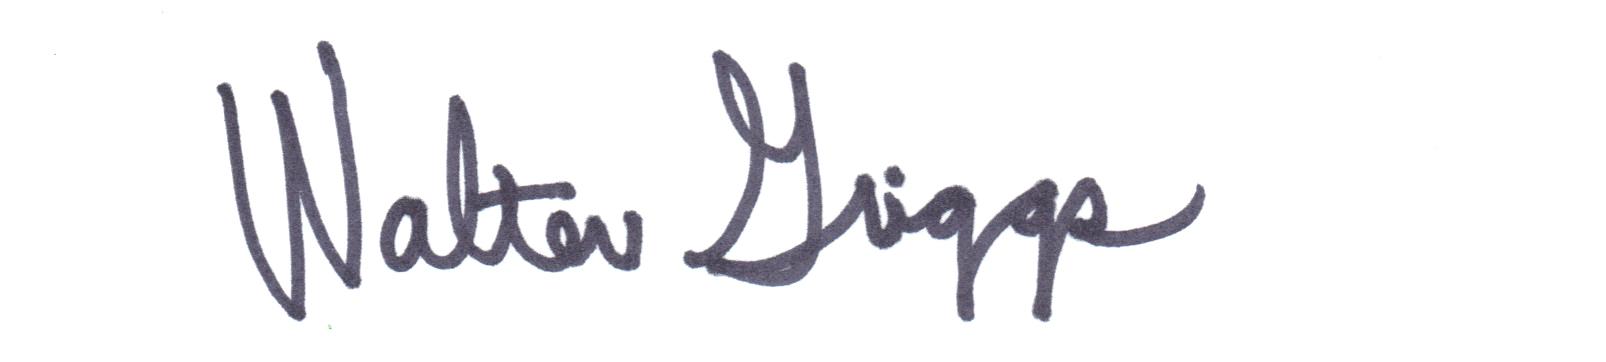 Walter Griggs Signature